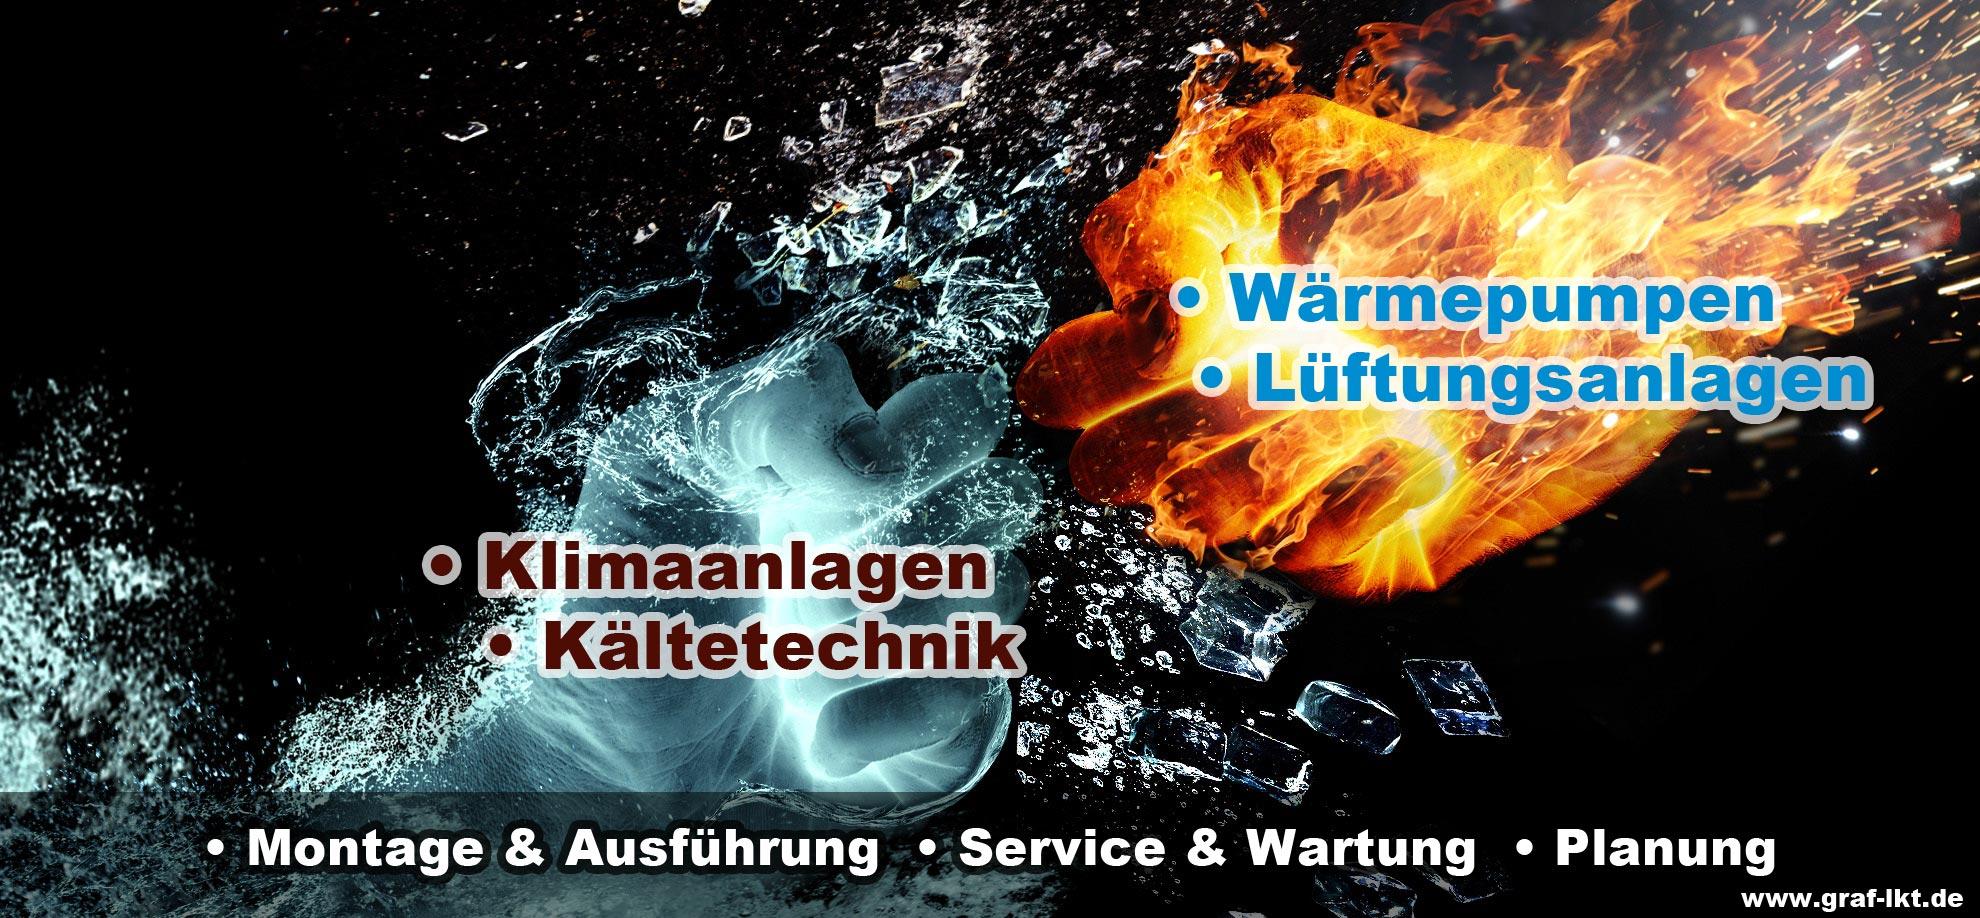 Luft- und Kllimatechnik Komeptenz aus einer Hans